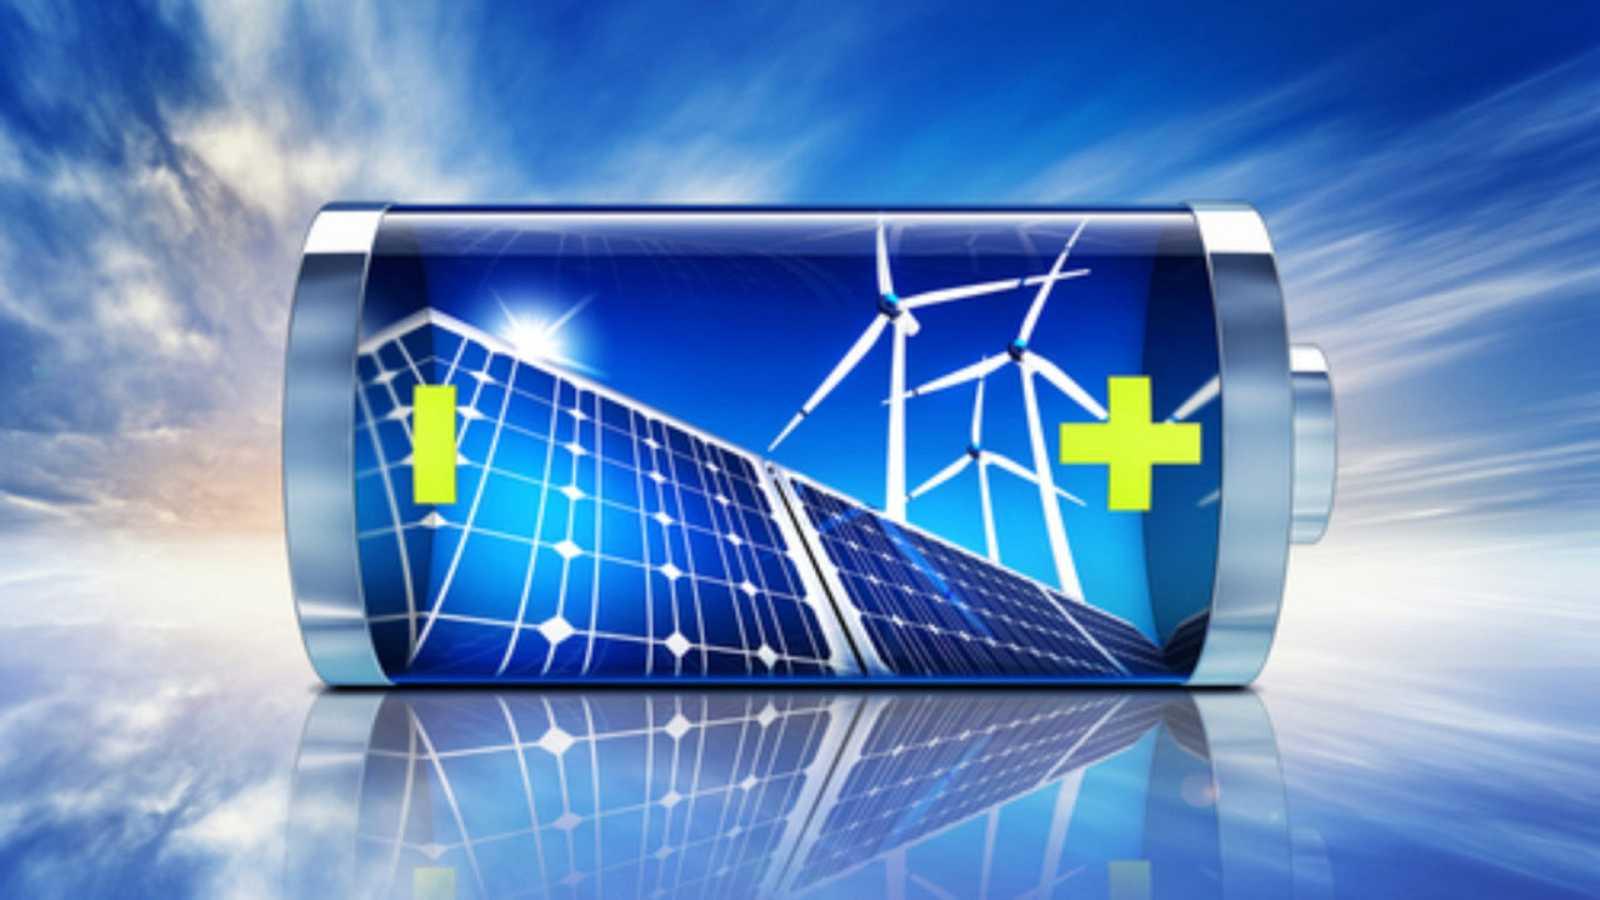 Sostenible y renovable - Almacenar electricidad renovable - 01/08/20 - Escuchar ahora